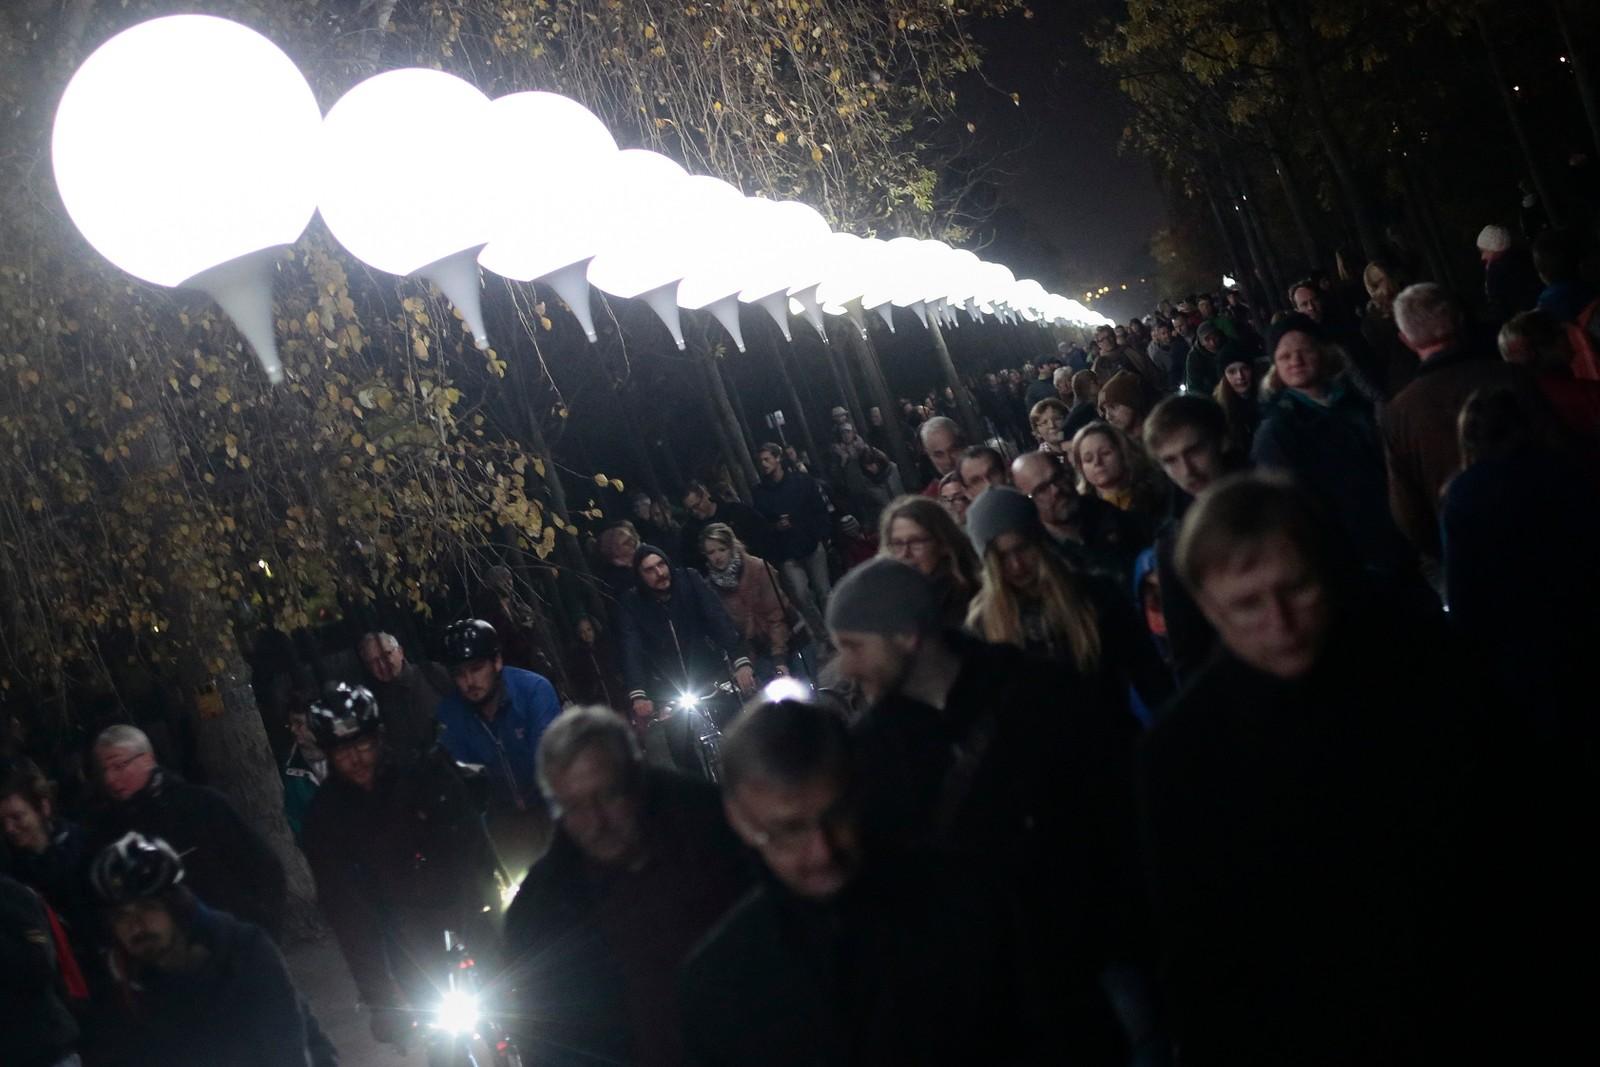 Berlin Lichtgrenze. Lysende ballonger markerer hvor Berlinmuren gikk.